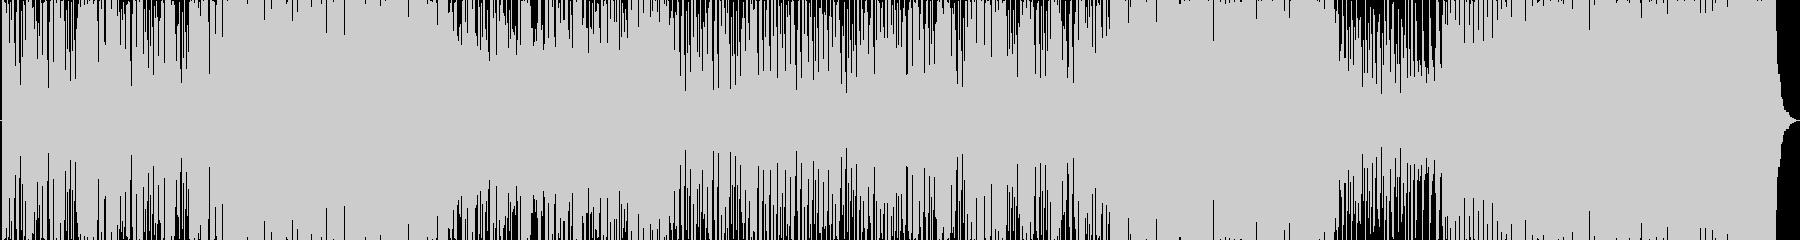 和風バトルBGMの未再生の波形